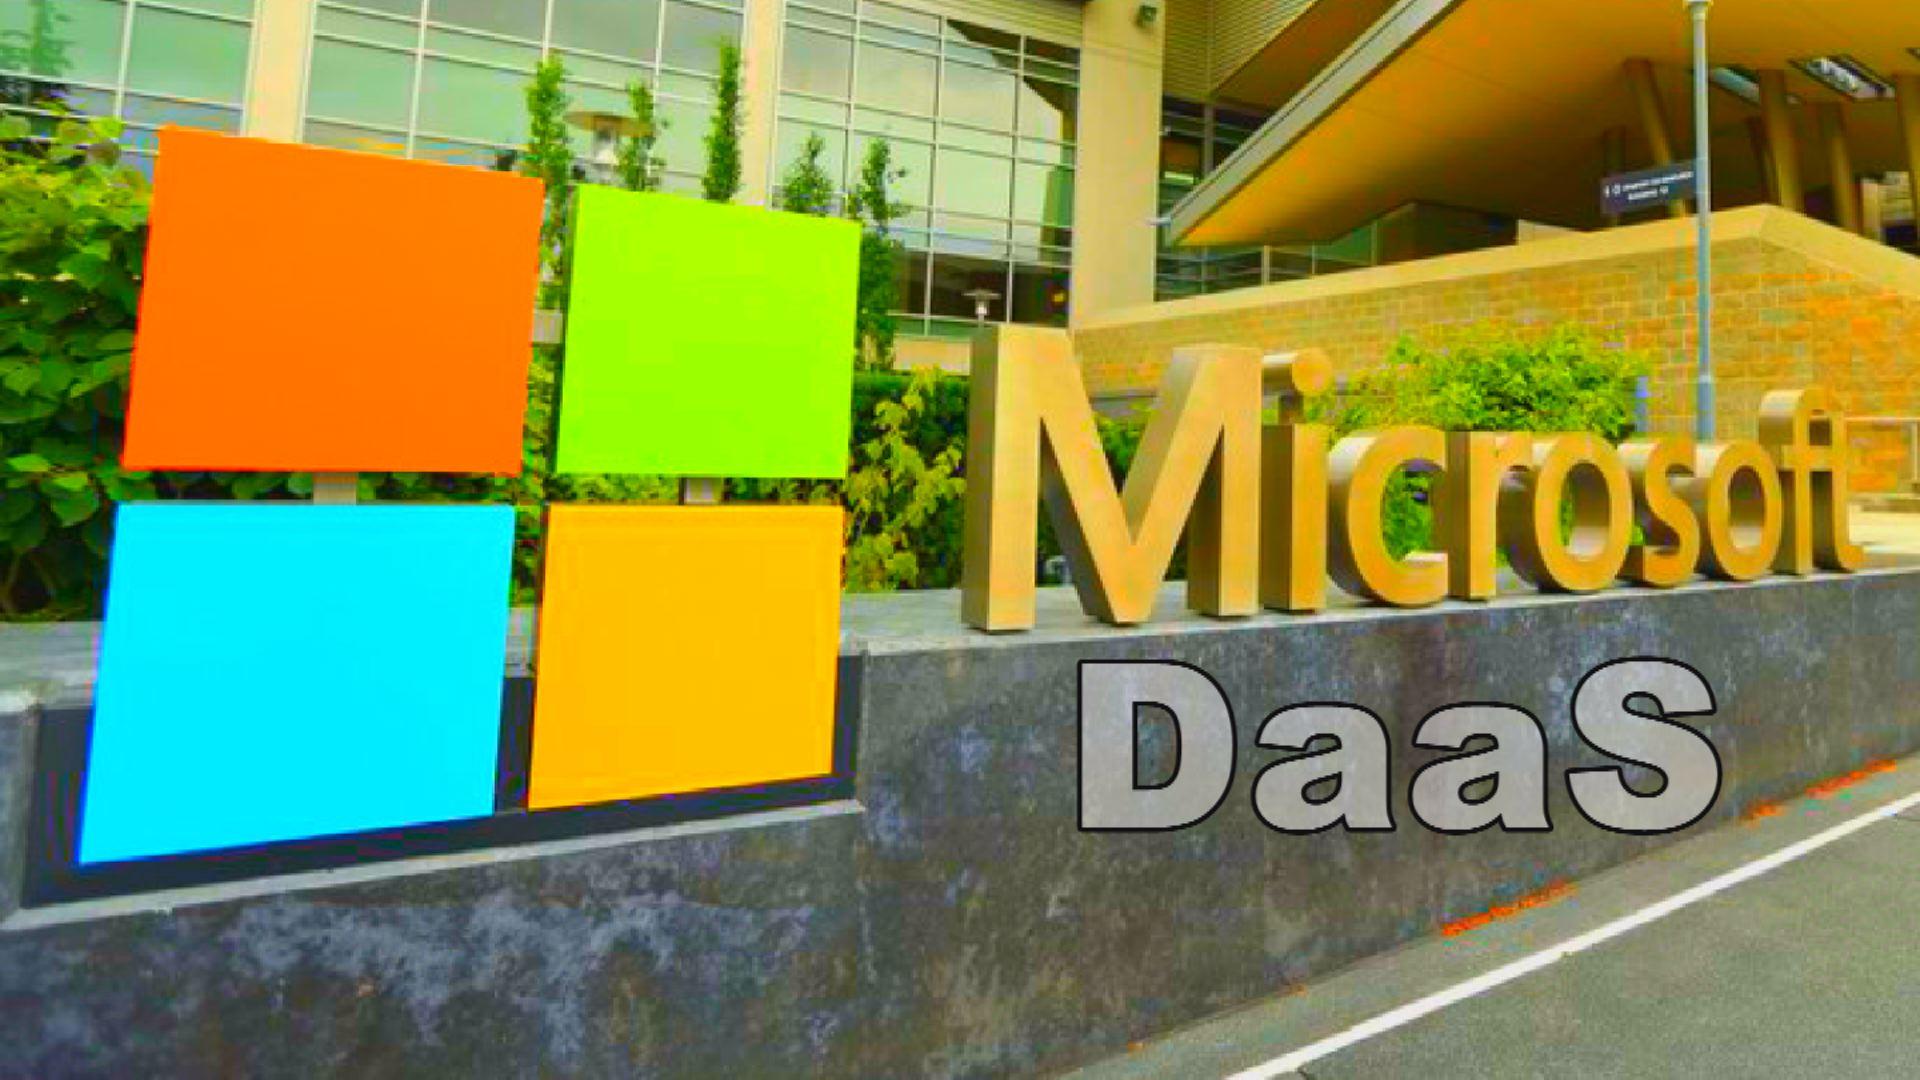 Microsoft_DaaS_1533024800803.jpg